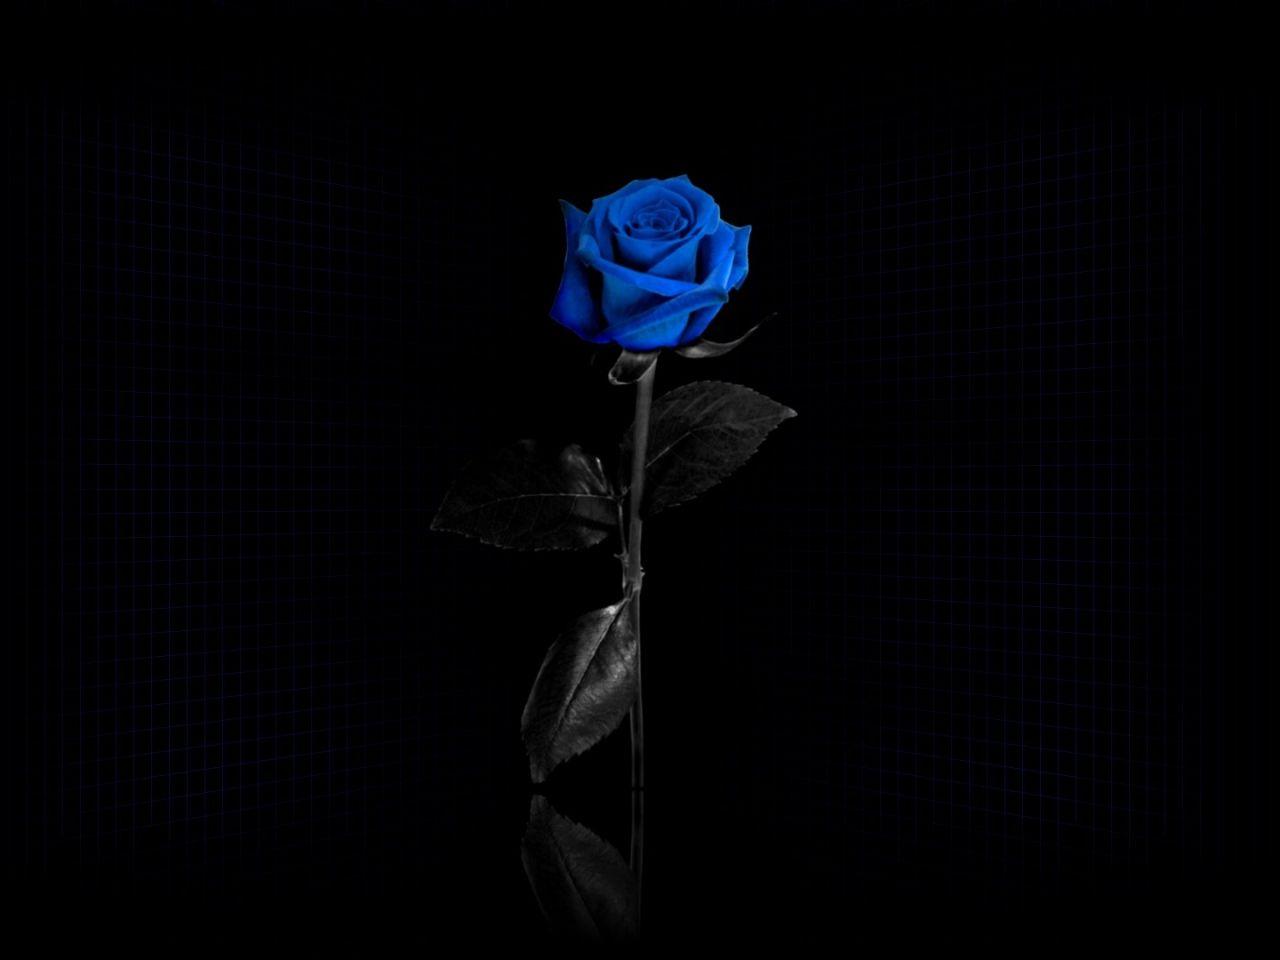 blumenbilder rose hintergrundbilder netto vektor blaue hintergr nde reflektieren material. Black Bedroom Furniture Sets. Home Design Ideas